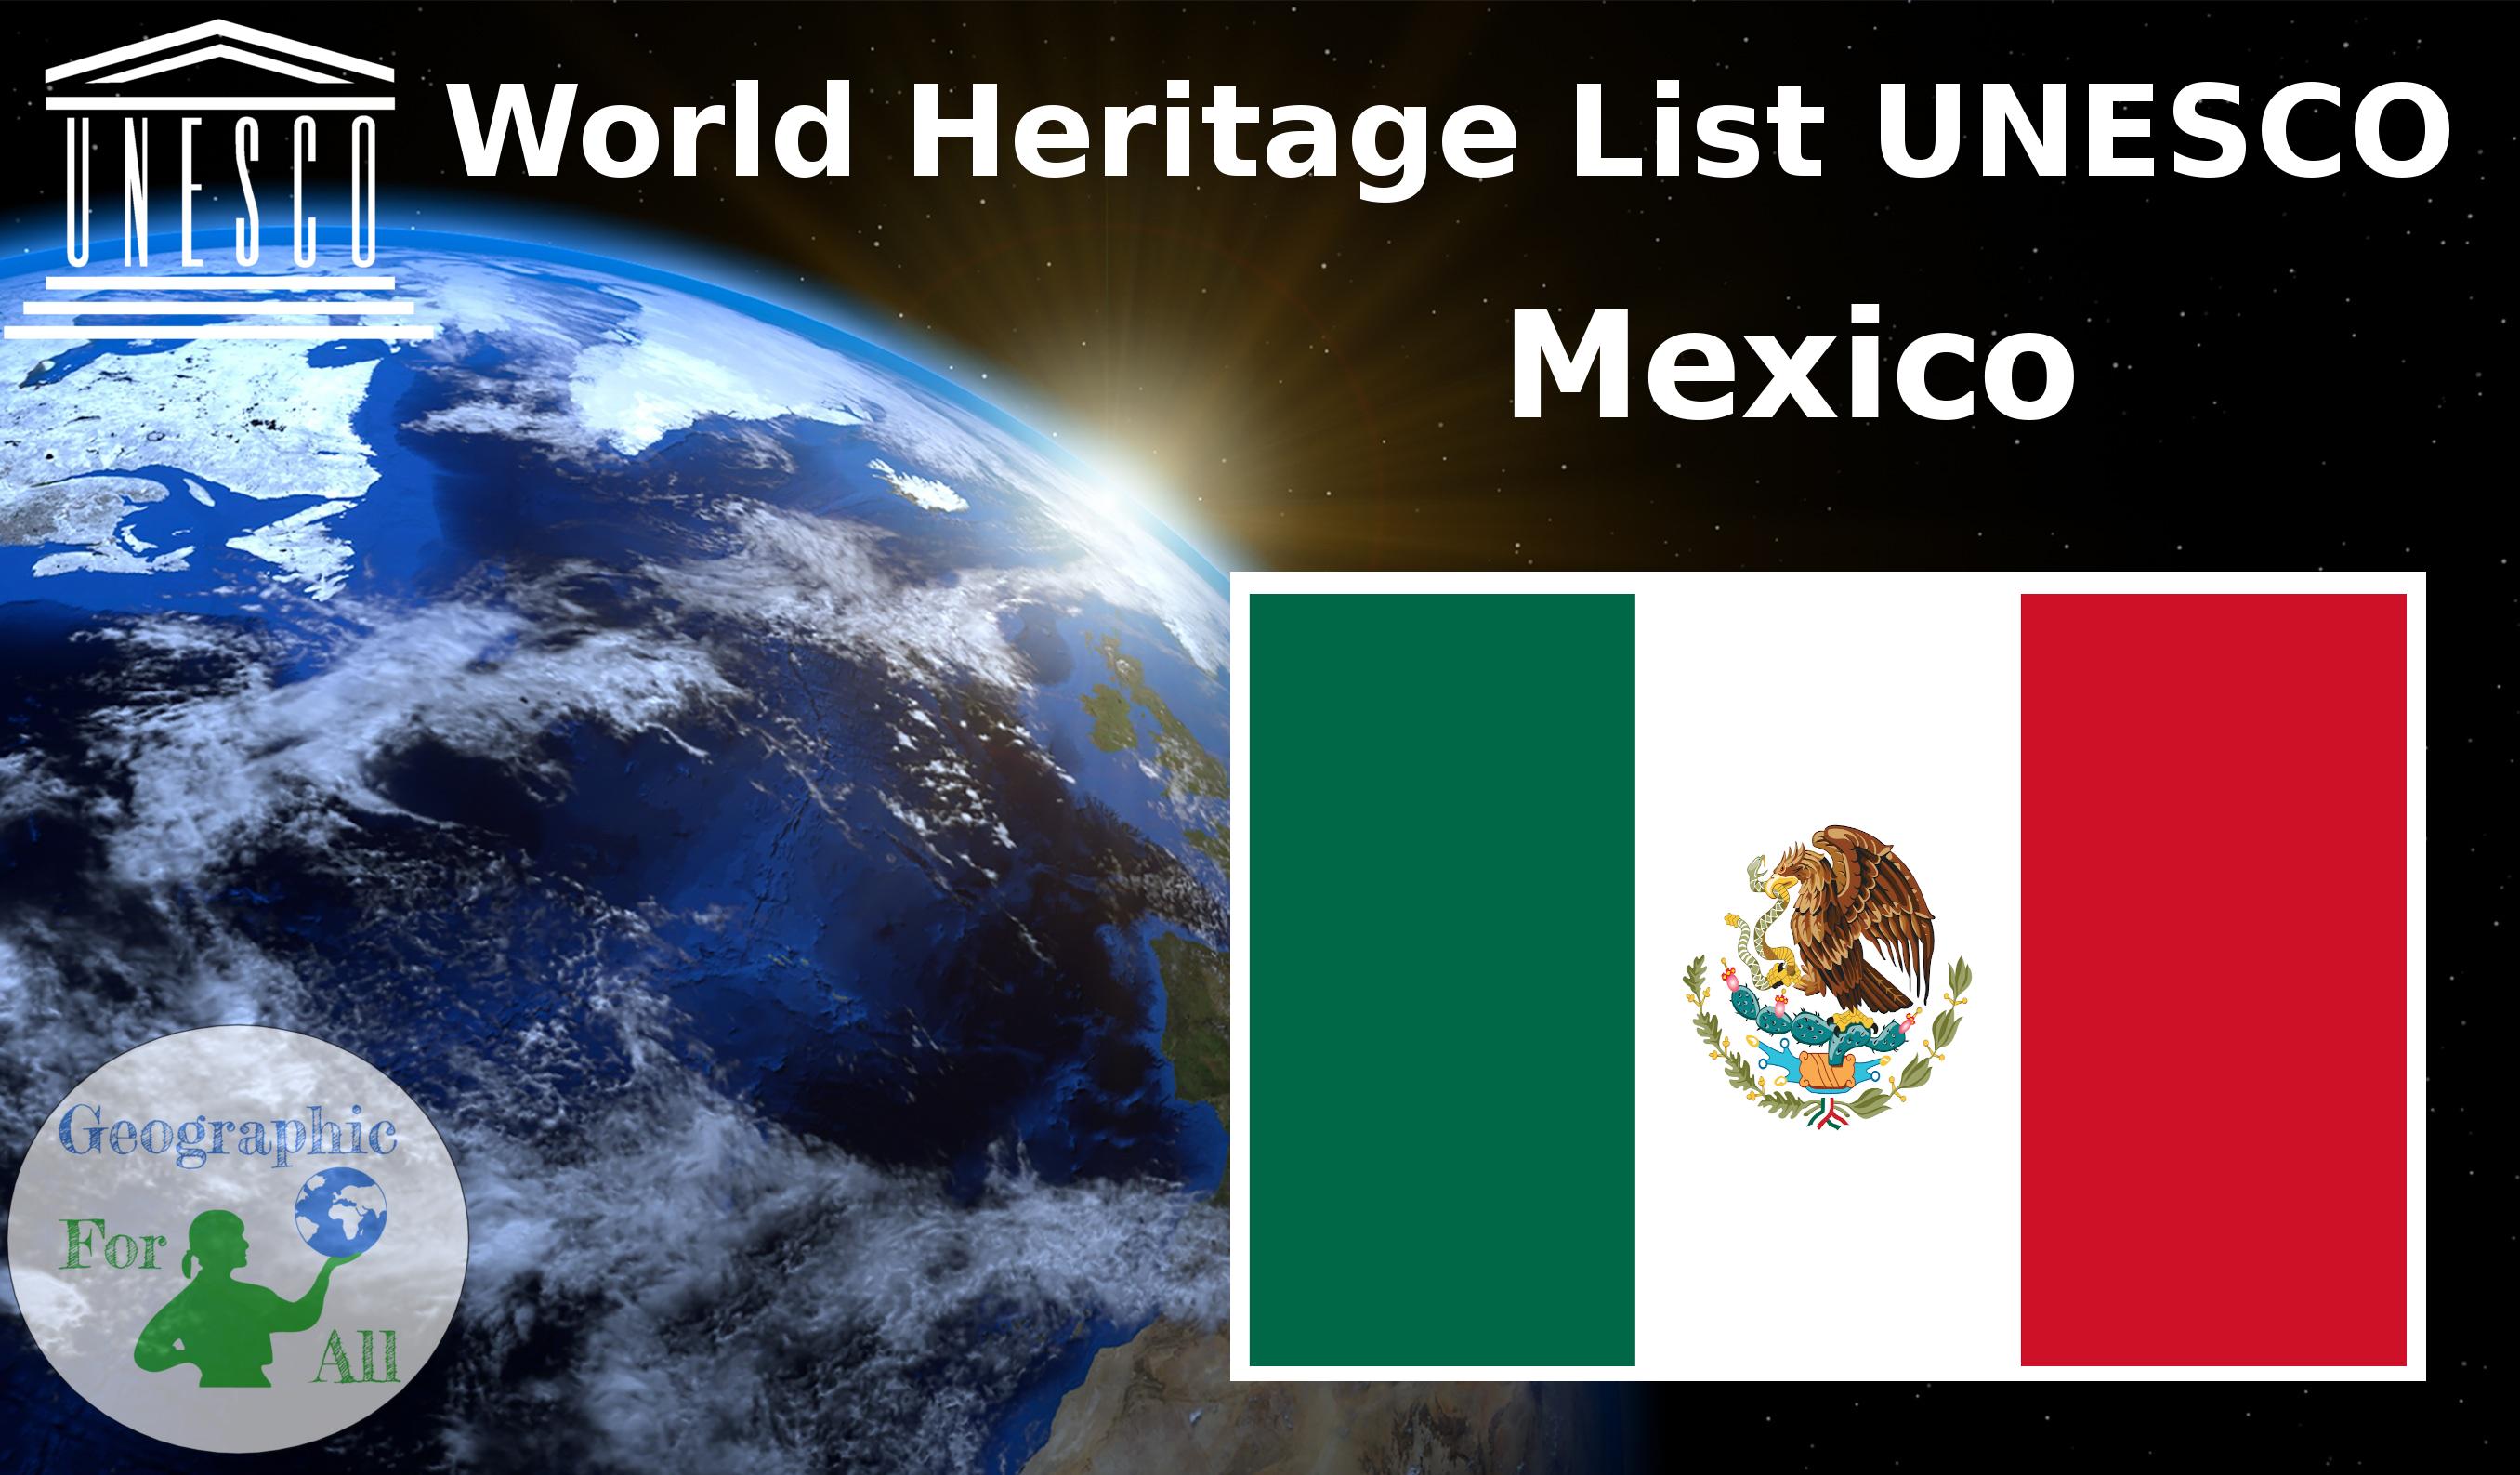 World Heritage List UNESCO - Mexico